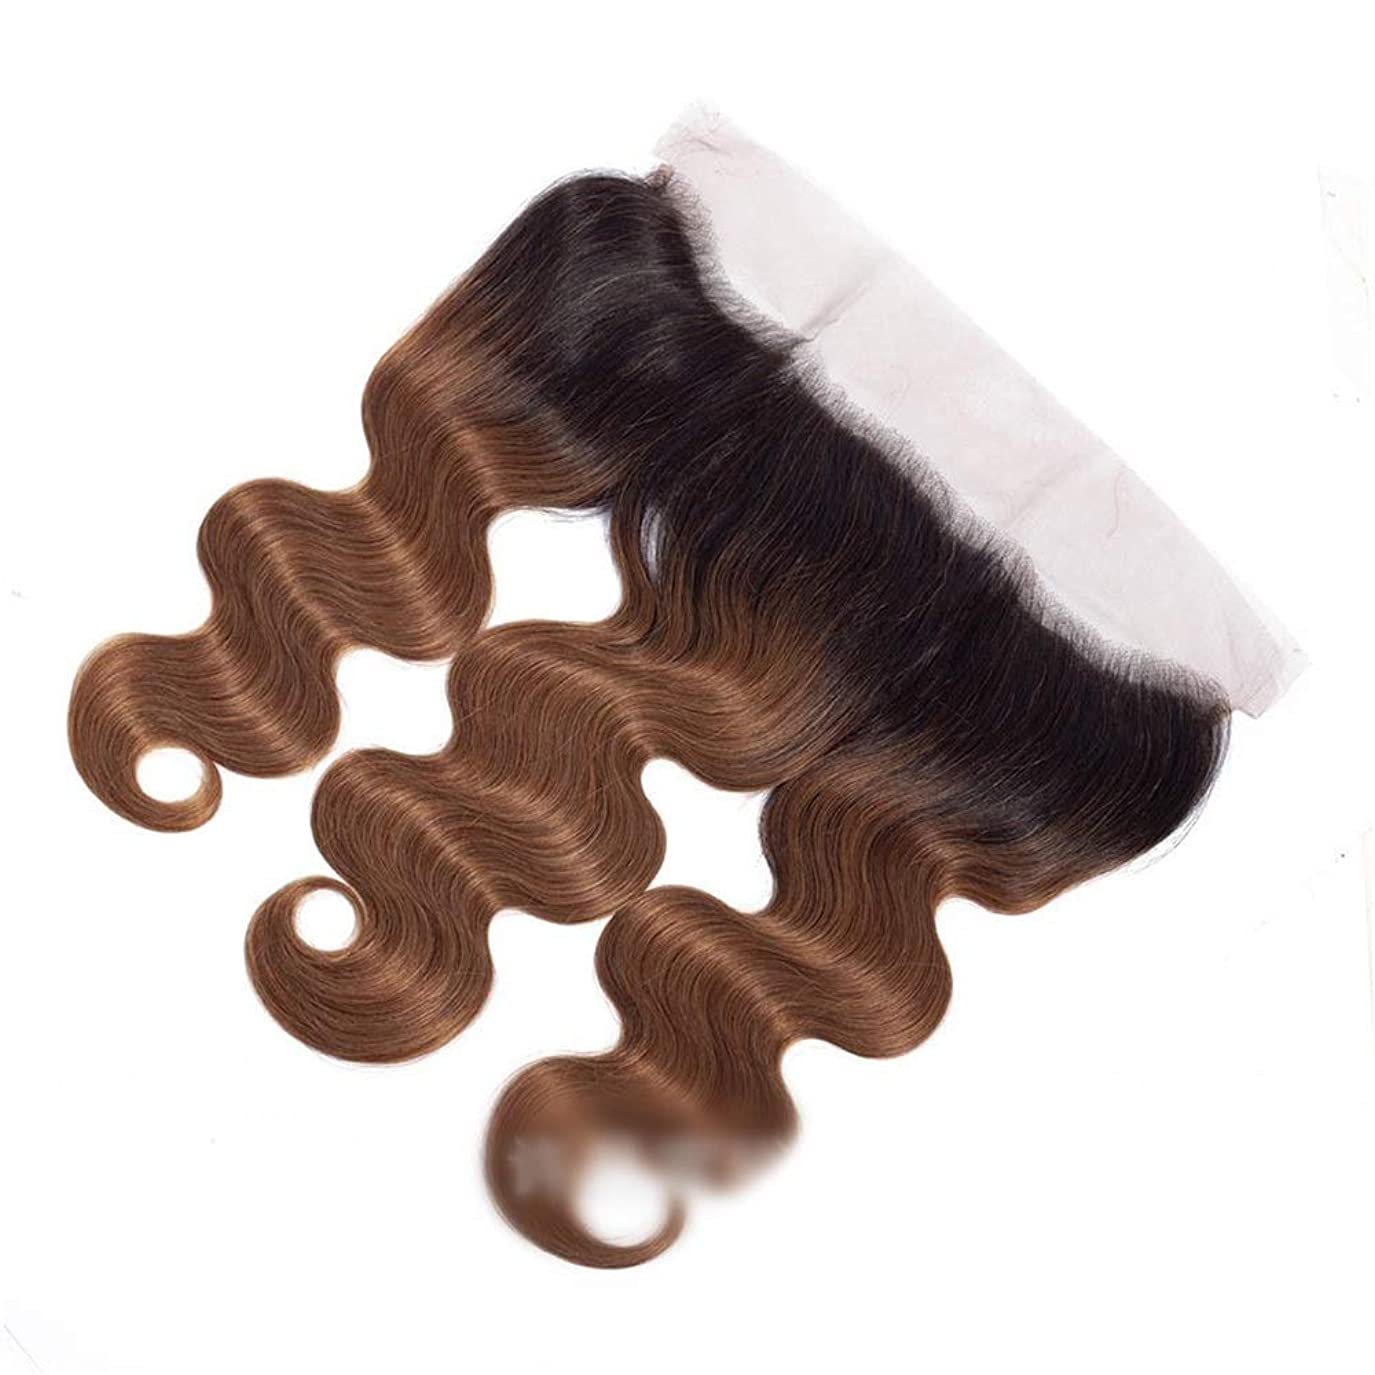 危険なクッション文言Mayalina ブラジル実体波13 * 4レース閉鎖無料部分100%未処理人間の髪織り1B / 30 2トーンカラーロングカーリーウィッグ (色 : ブラウン, サイズ : 18 inch)